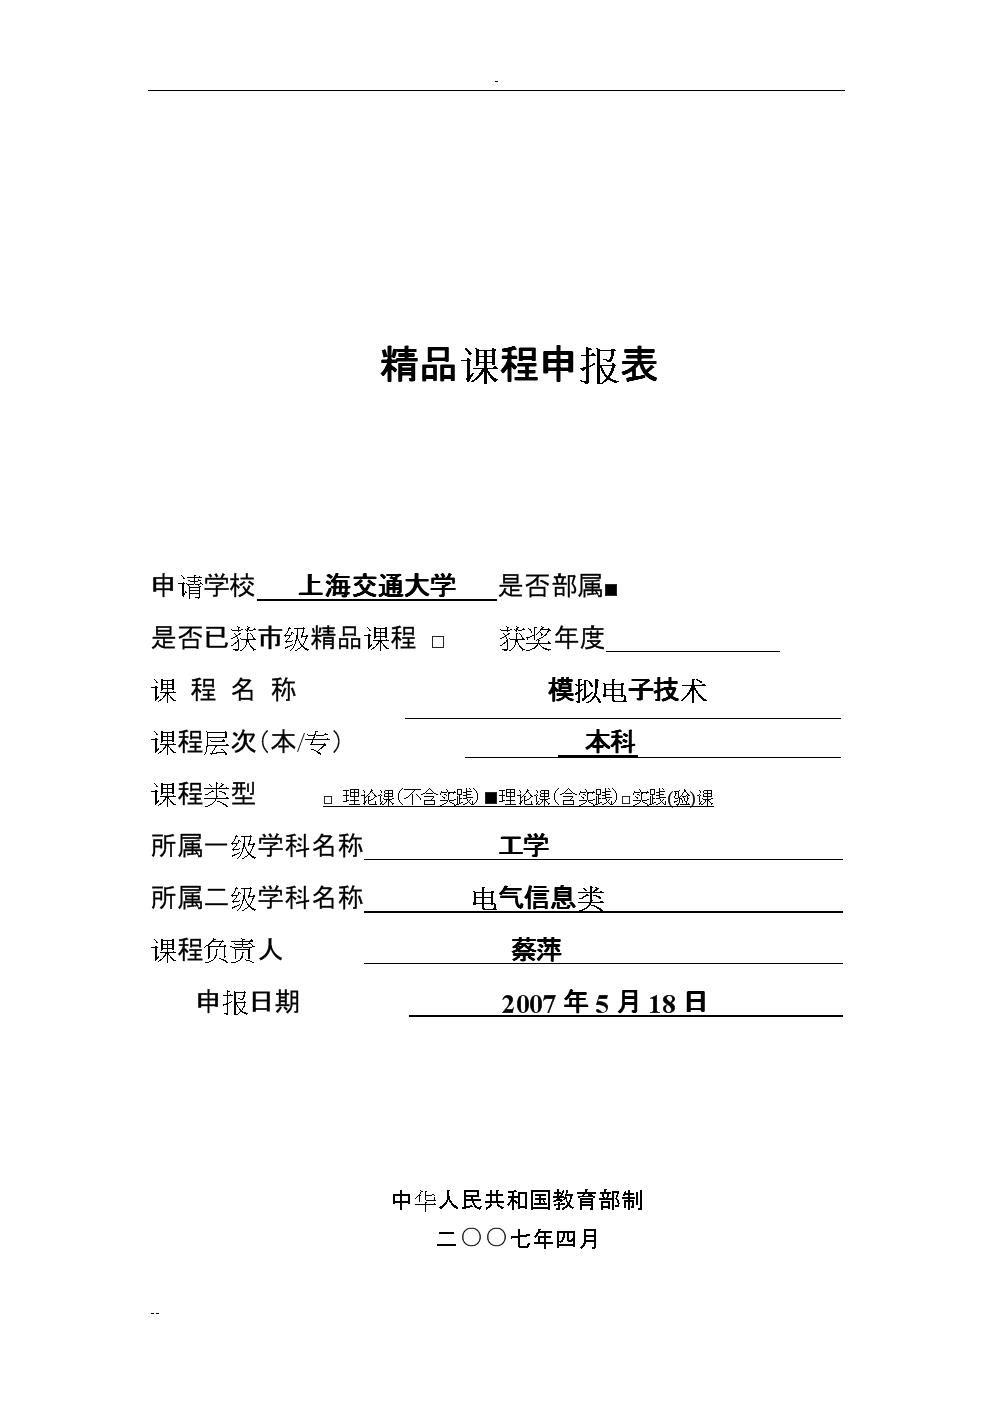 精品课程-申报表.doc